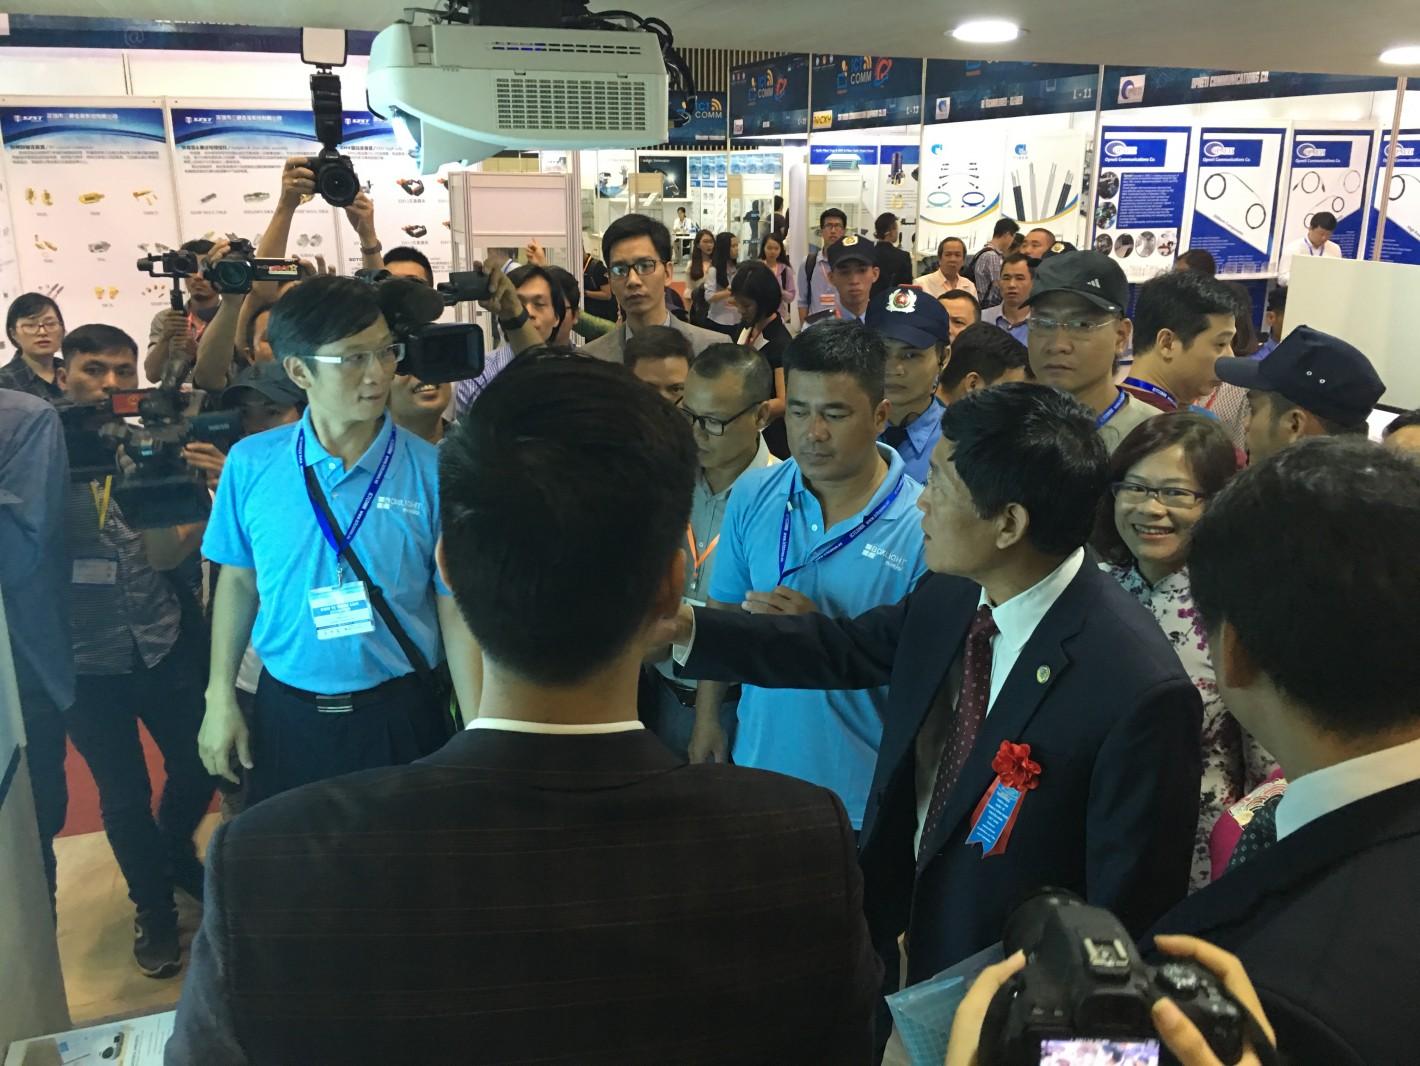 大會VIP導覽,光峰科技產品亮眼吸引眾多貴賓親自體驗。